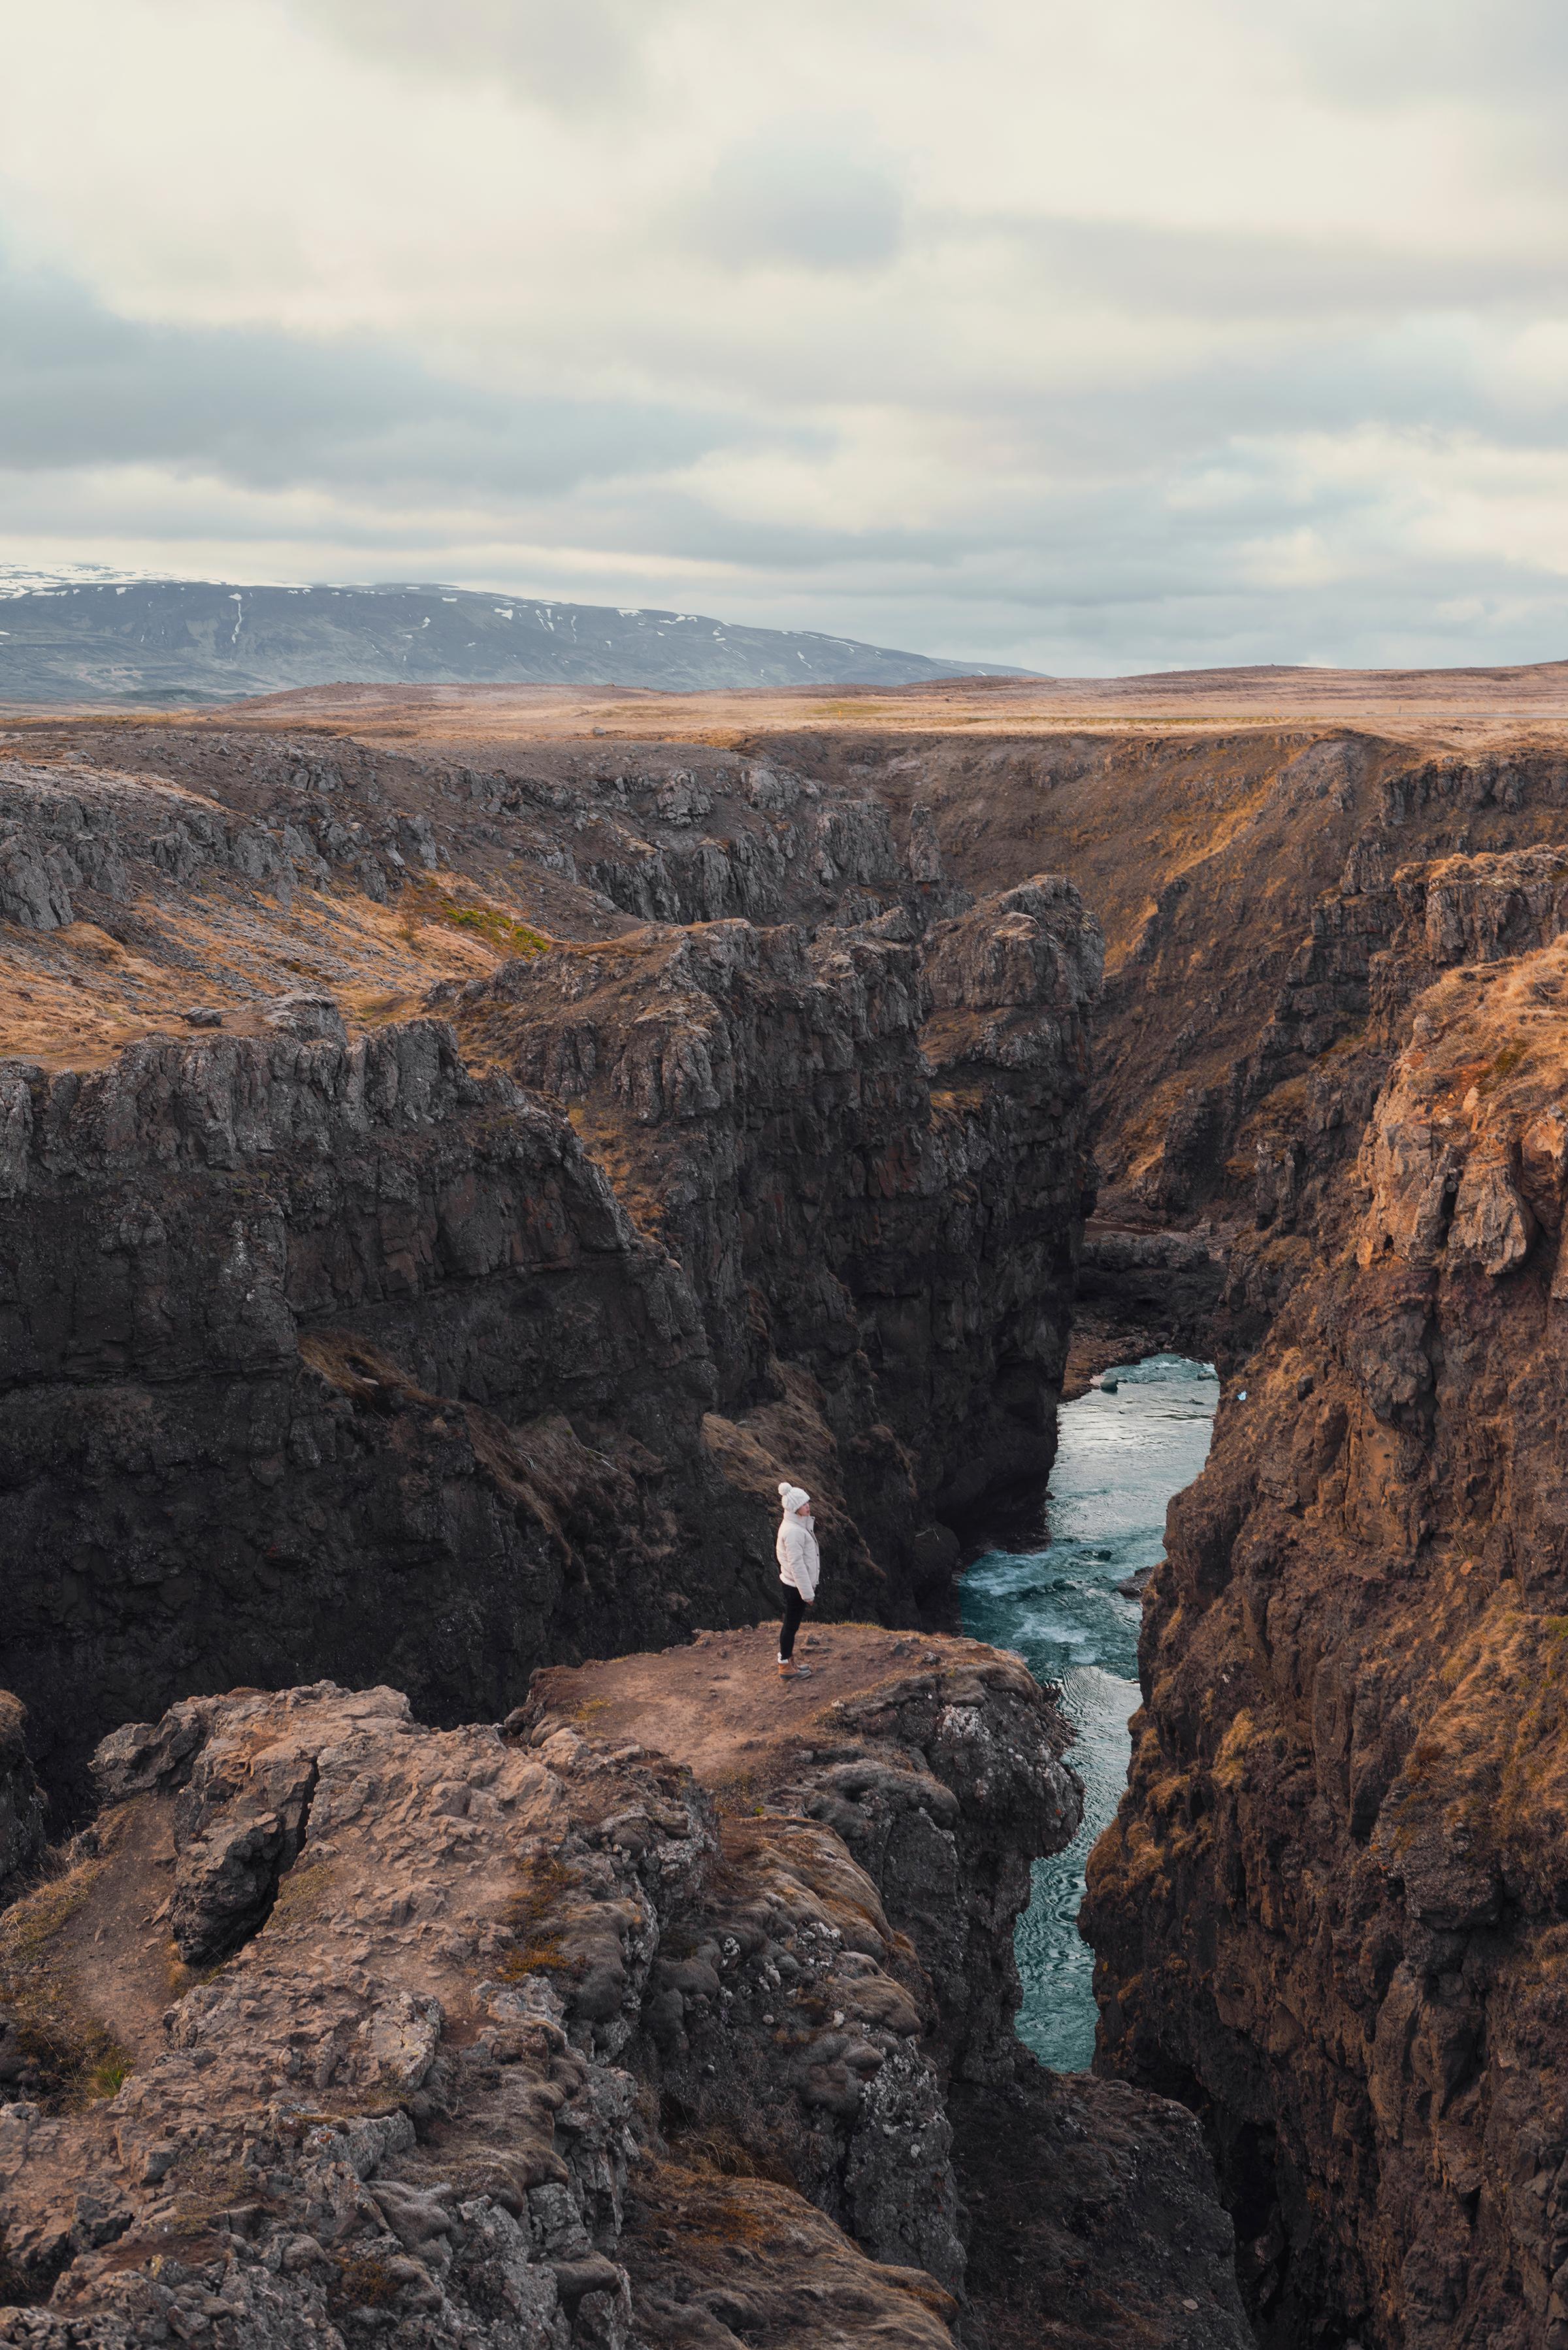 01hvammstangi-kolugljufur-canyon-iceland-travel-landscape